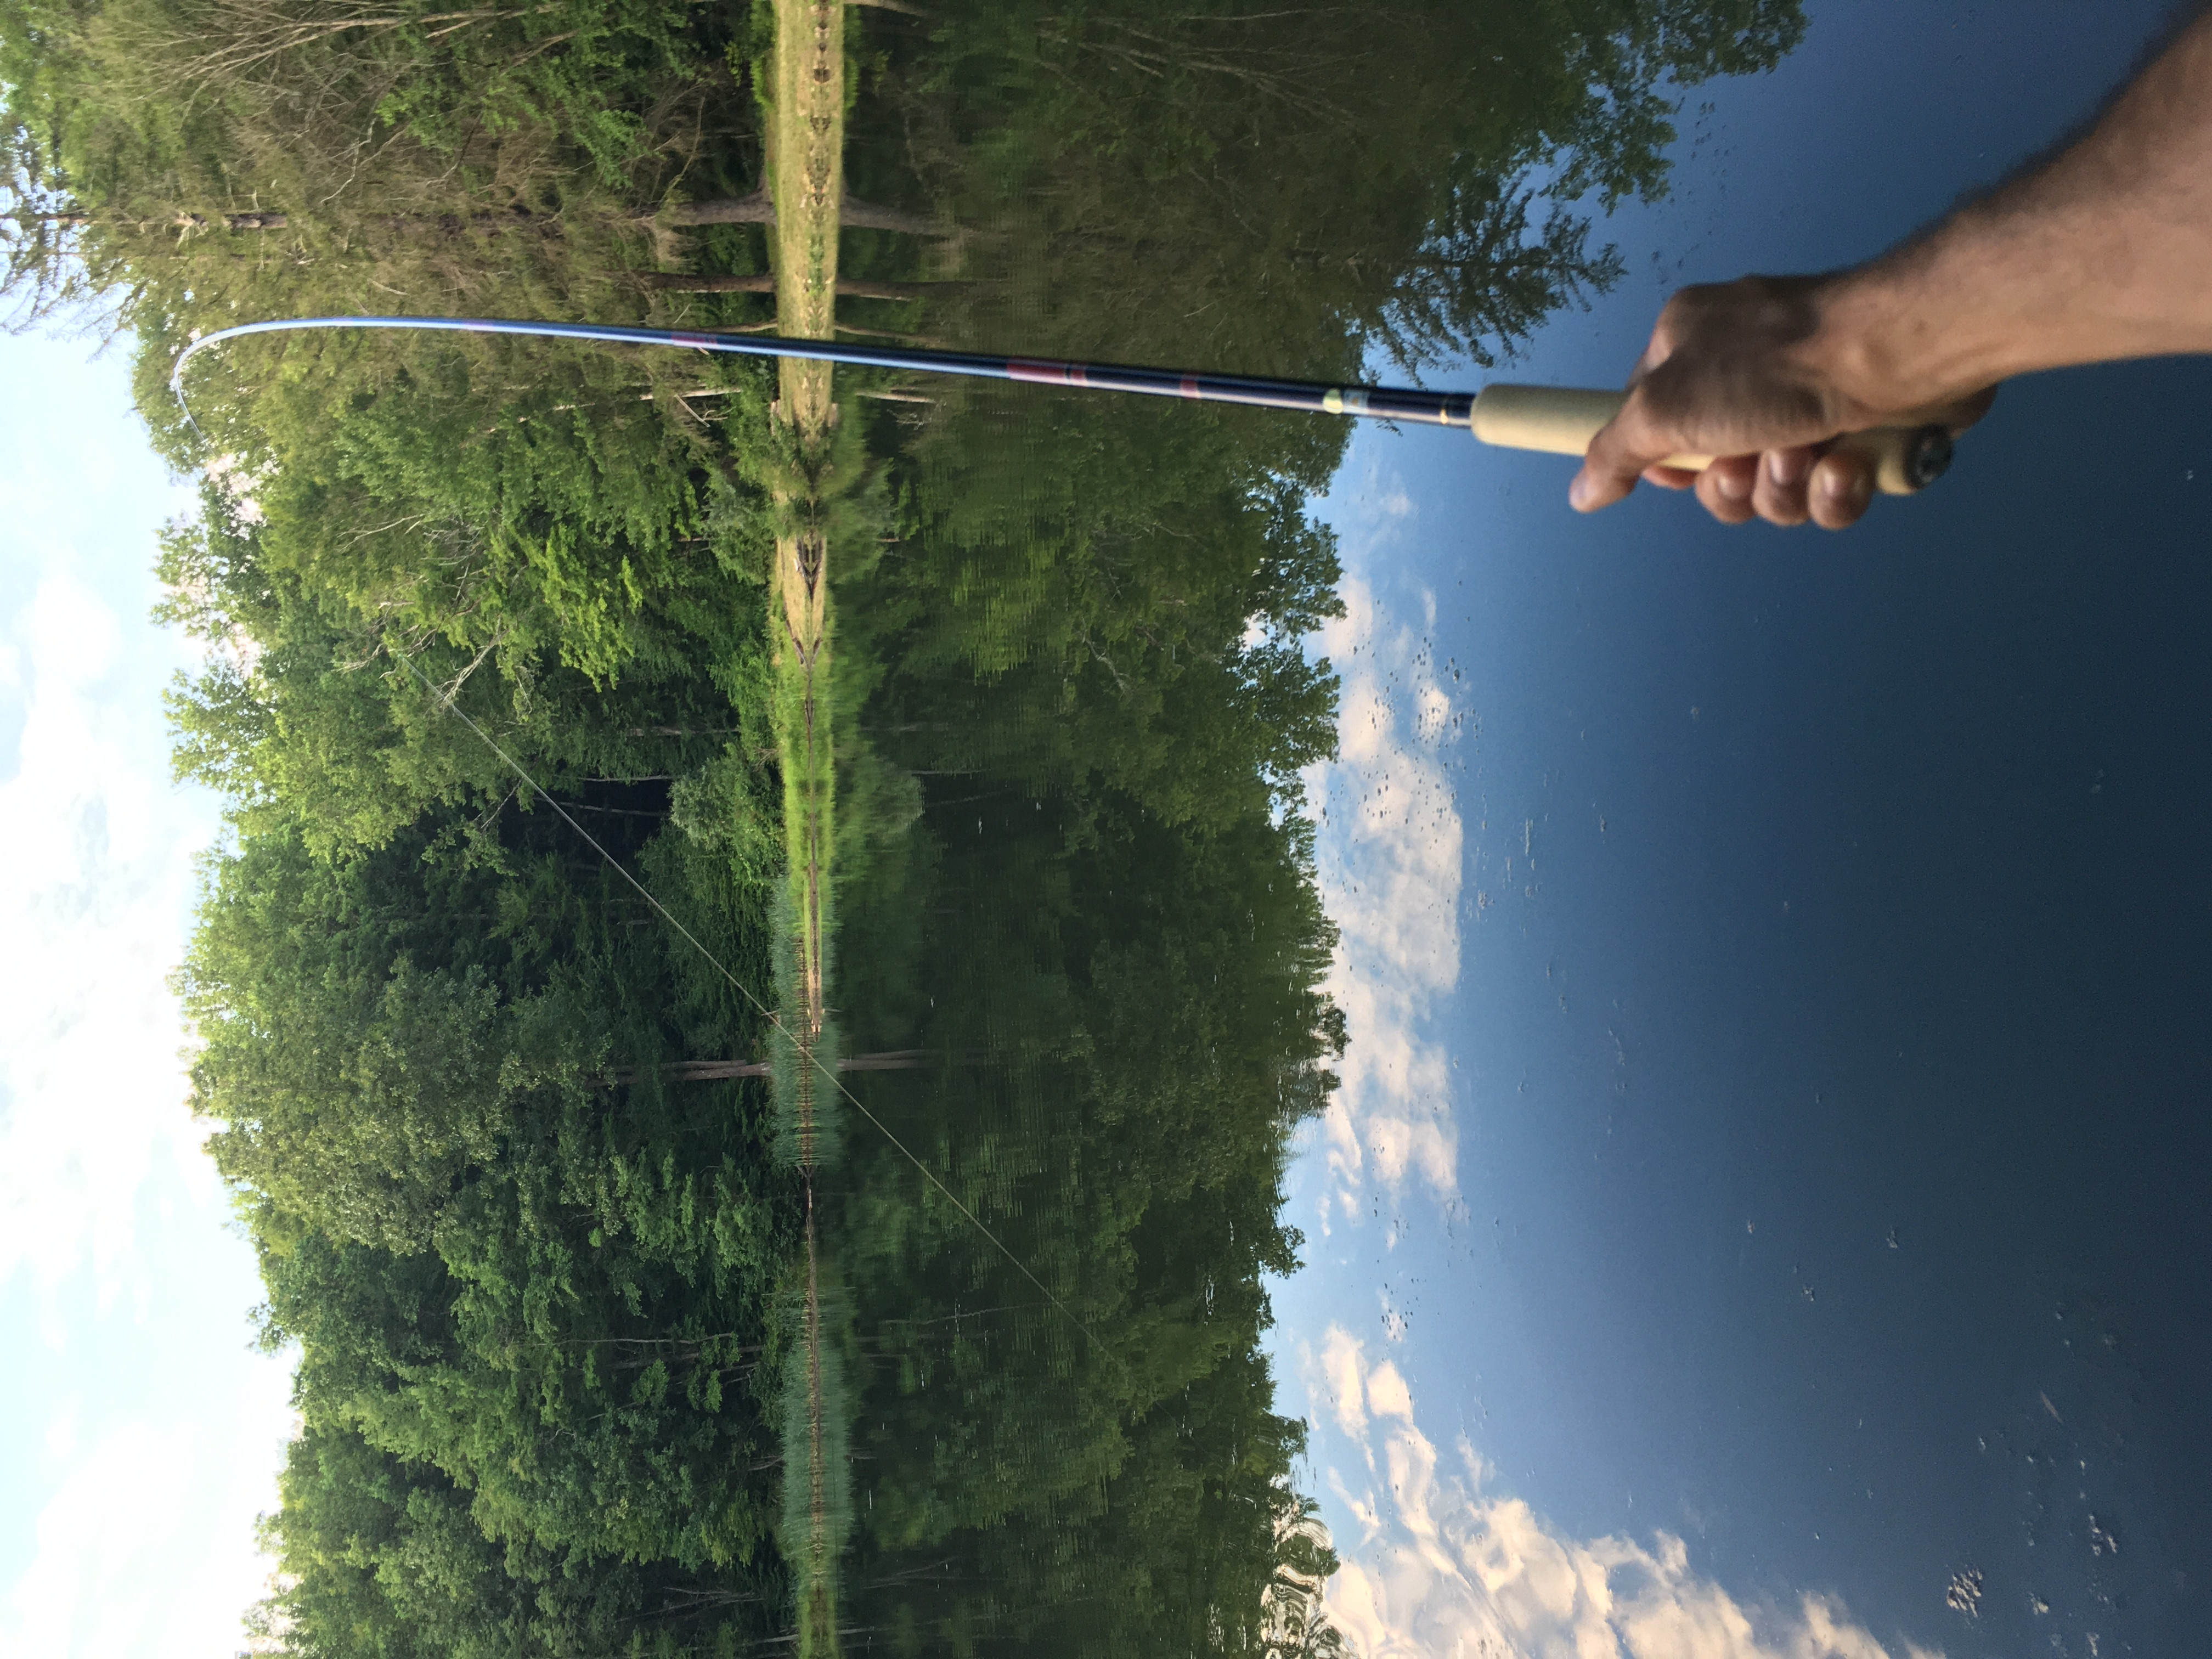 Fujiryu tenkara rod bend with pond in background